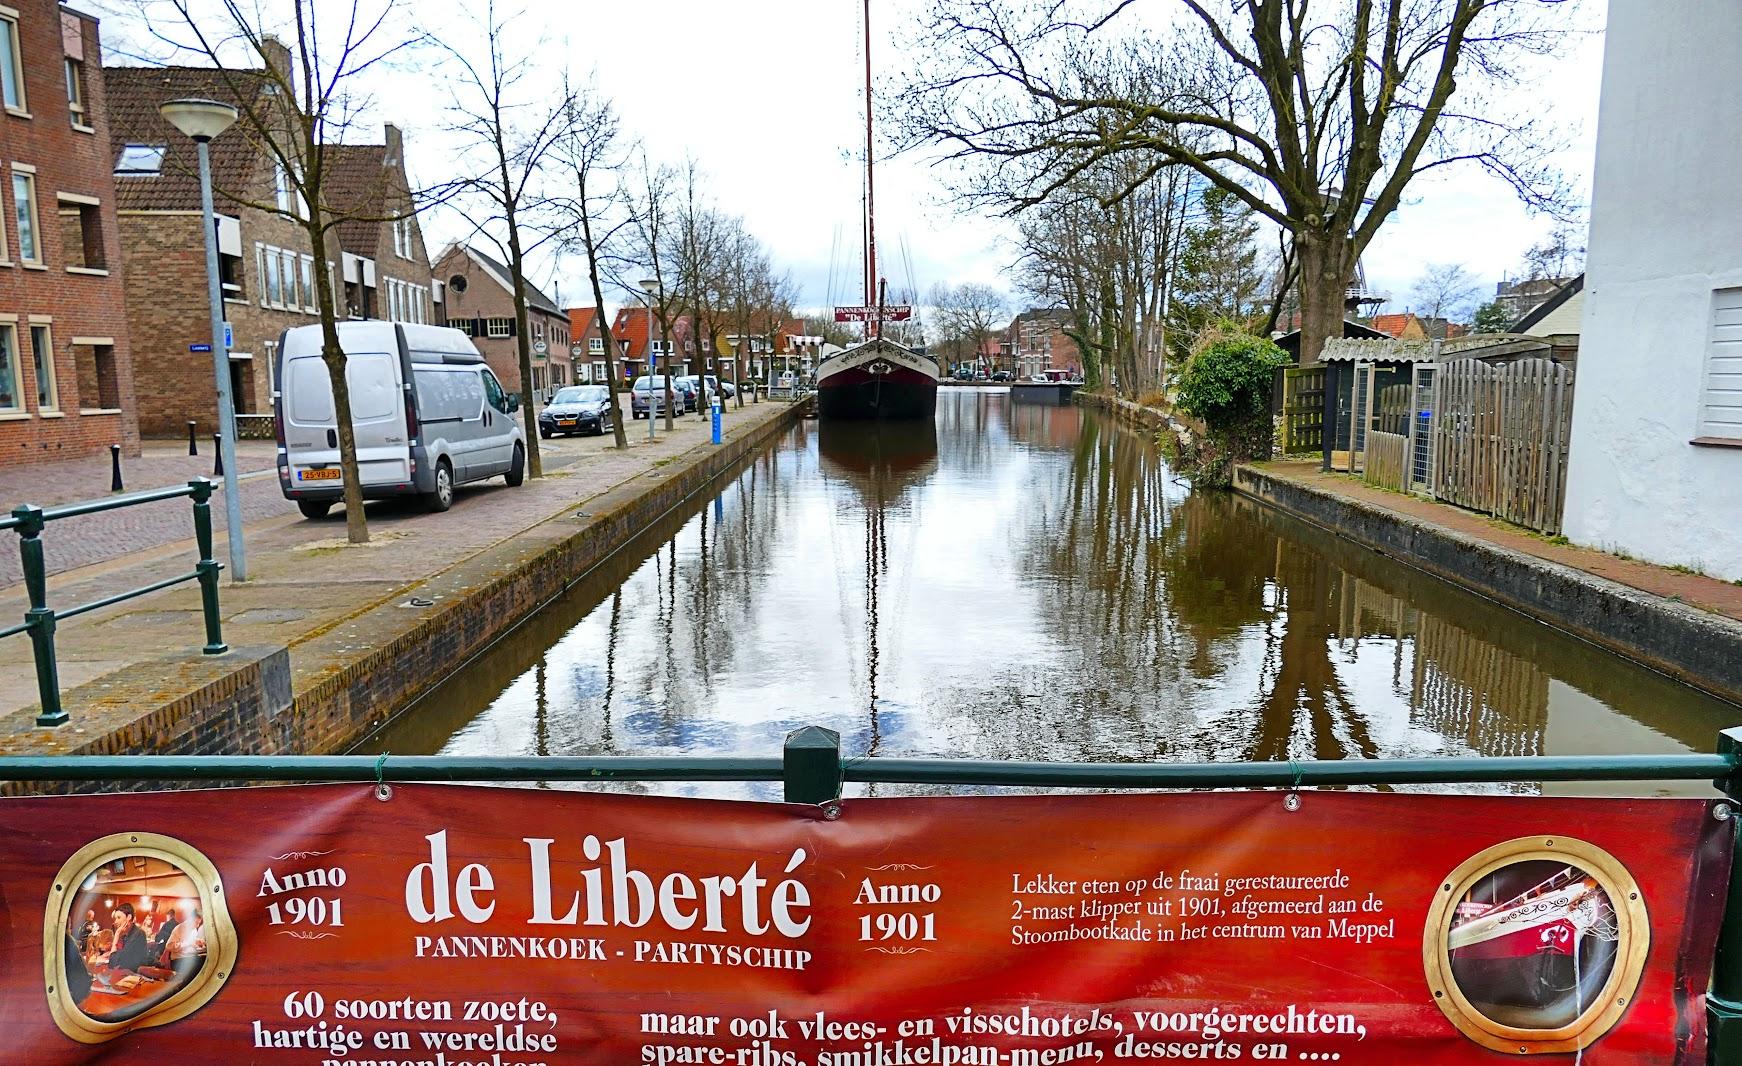 Aangeboden door: Stichting Microtoerisme InZicht Fotoblog Meppel Stoomboot haven Liberté pannenkoek restaurant